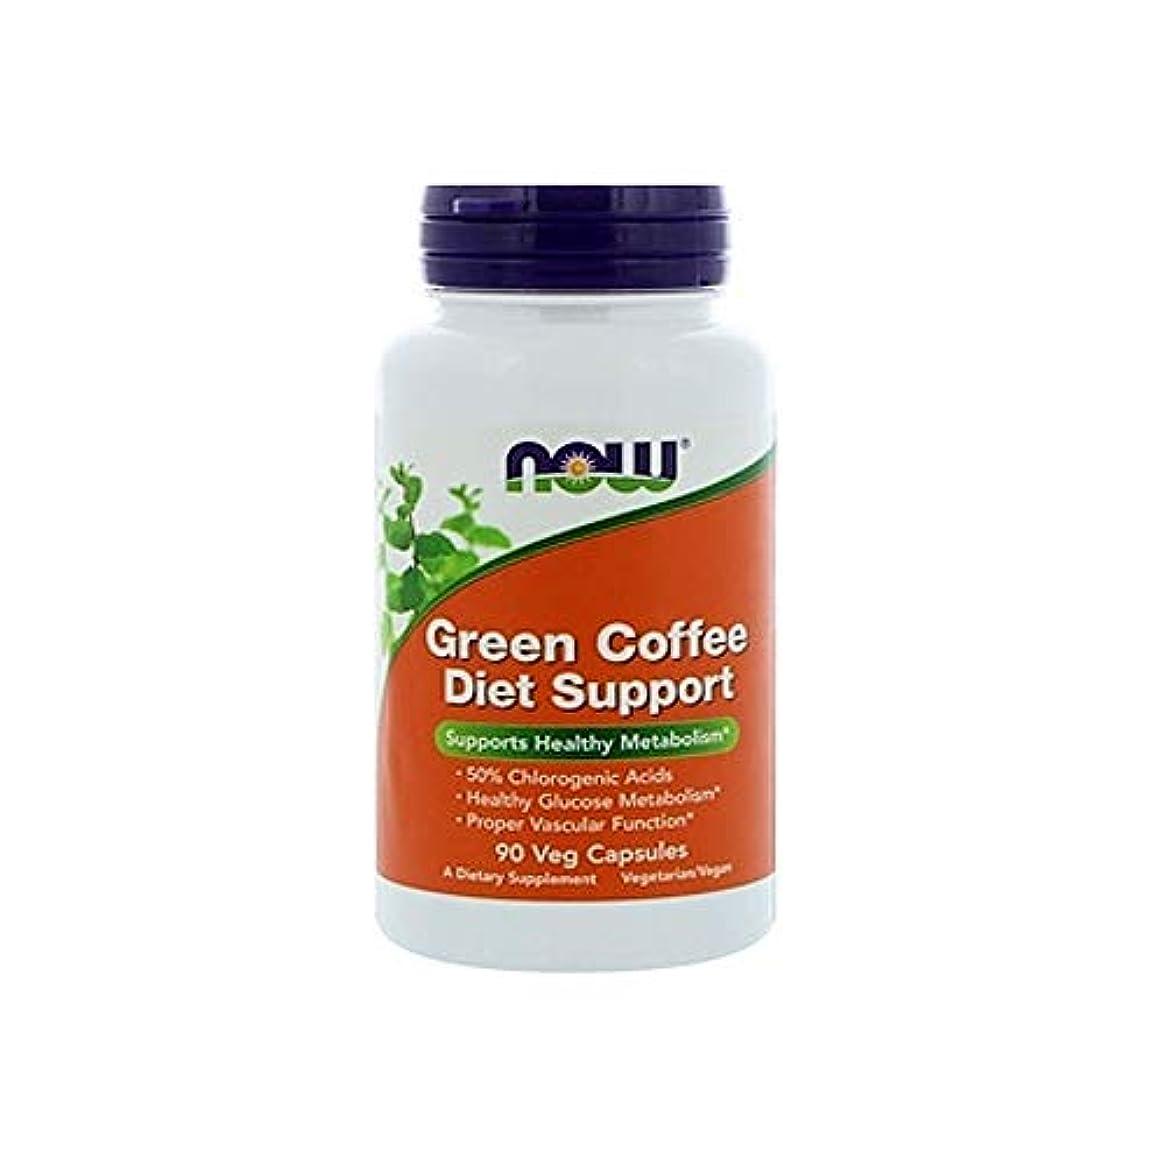 選挙永遠に選挙[海外直送品] ナウフーズ グリーンコーヒー ダイエットサポート(クロロゲン酸含有) 90粒